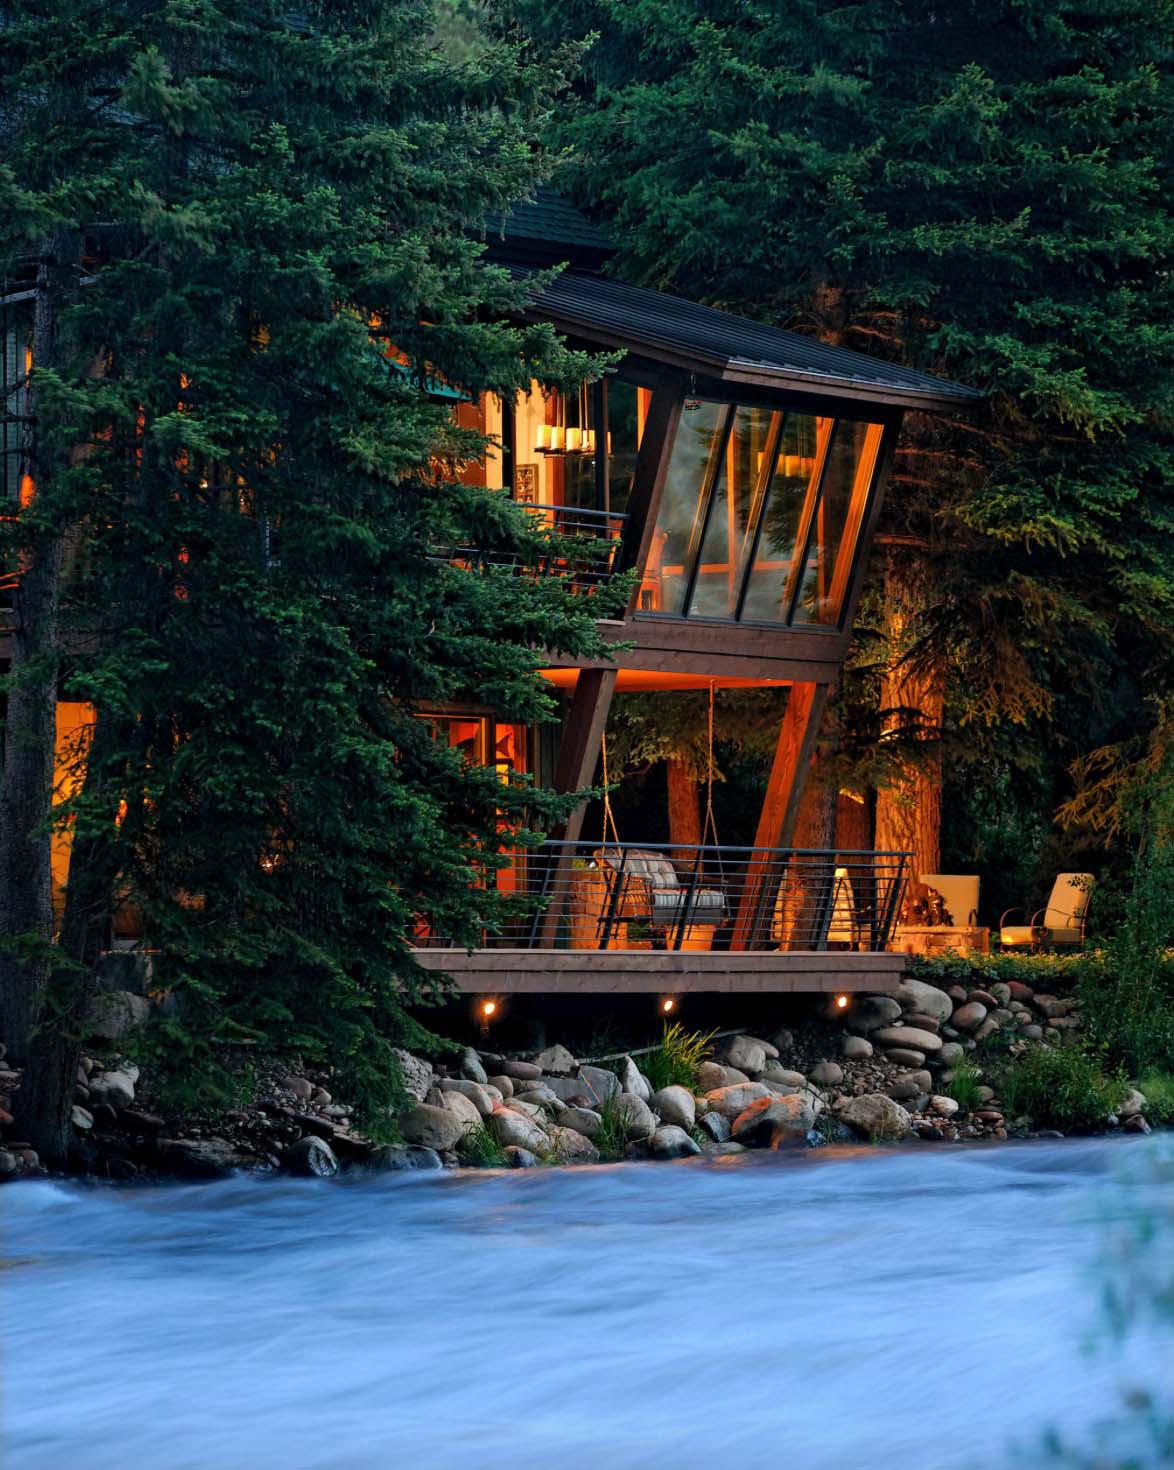 scandinavia Tree house